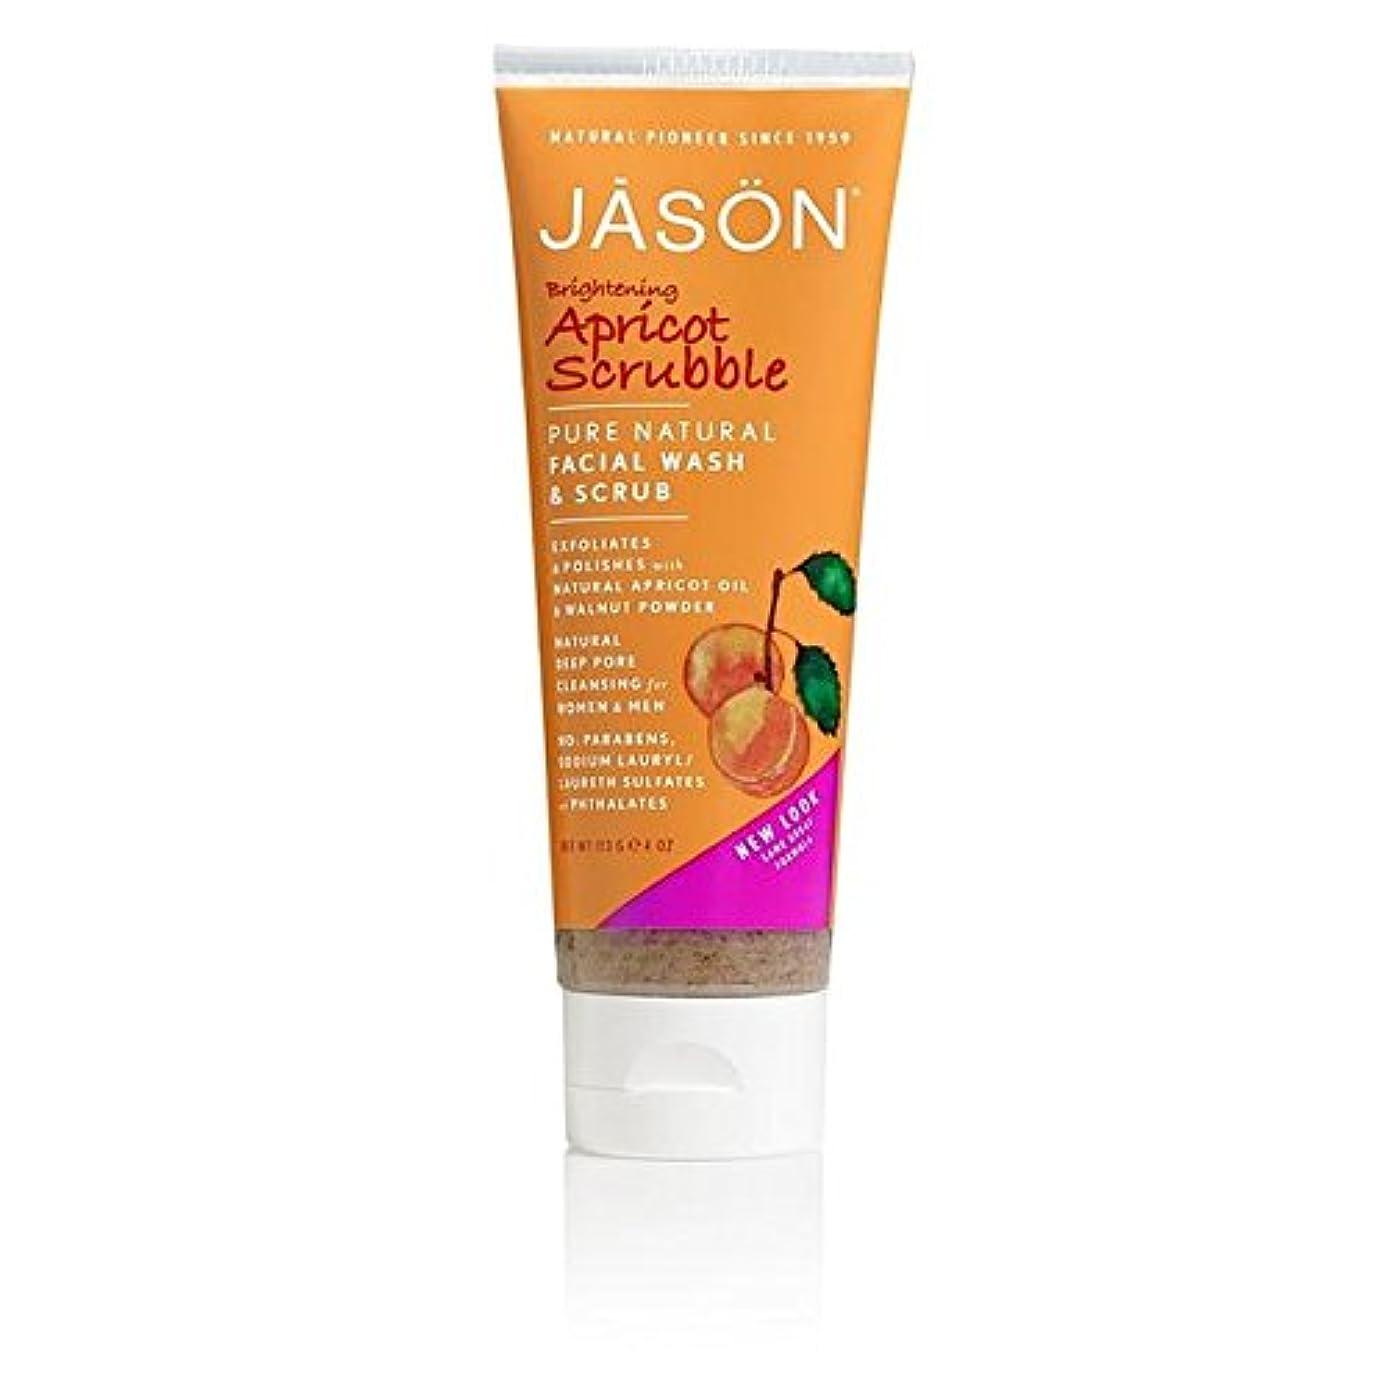 セラーはげボトルジェイソン?アプリコット洗顔&スクラブ128ミリリットル x4 - Jason Apricot Facial Wash & Scrub 128ml (Pack of 4) [並行輸入品]